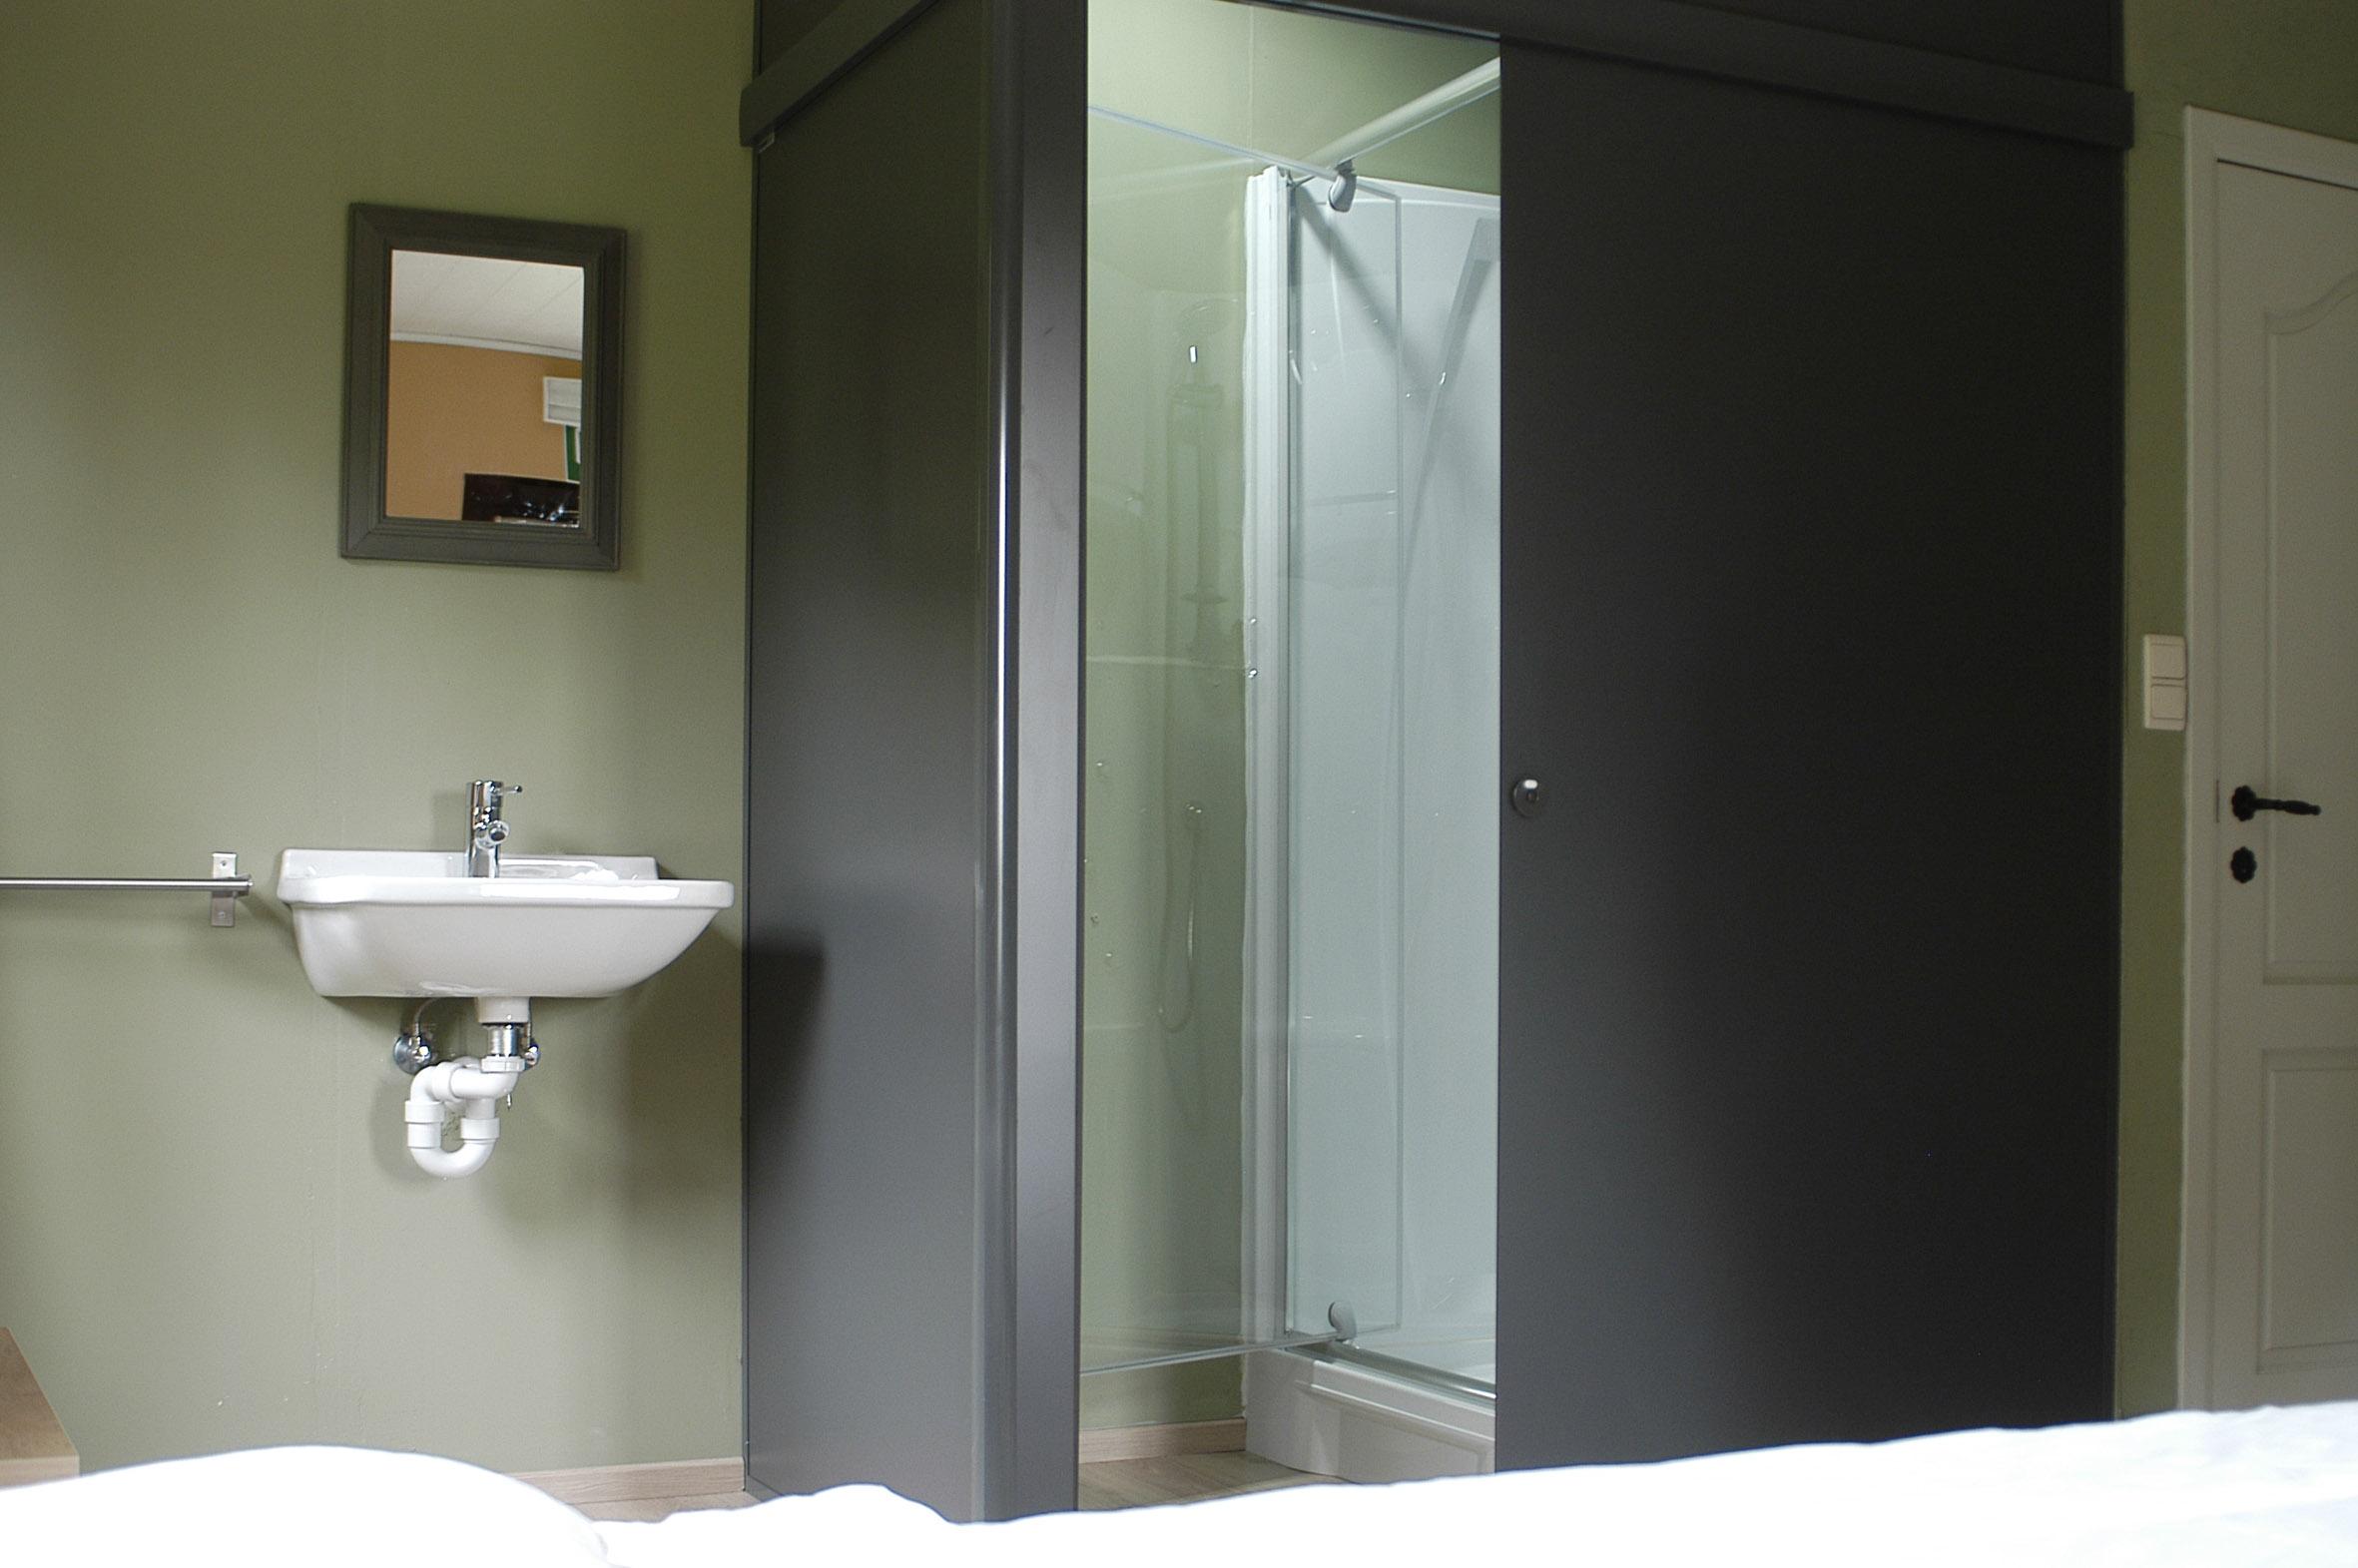 Slaapkamer met douche